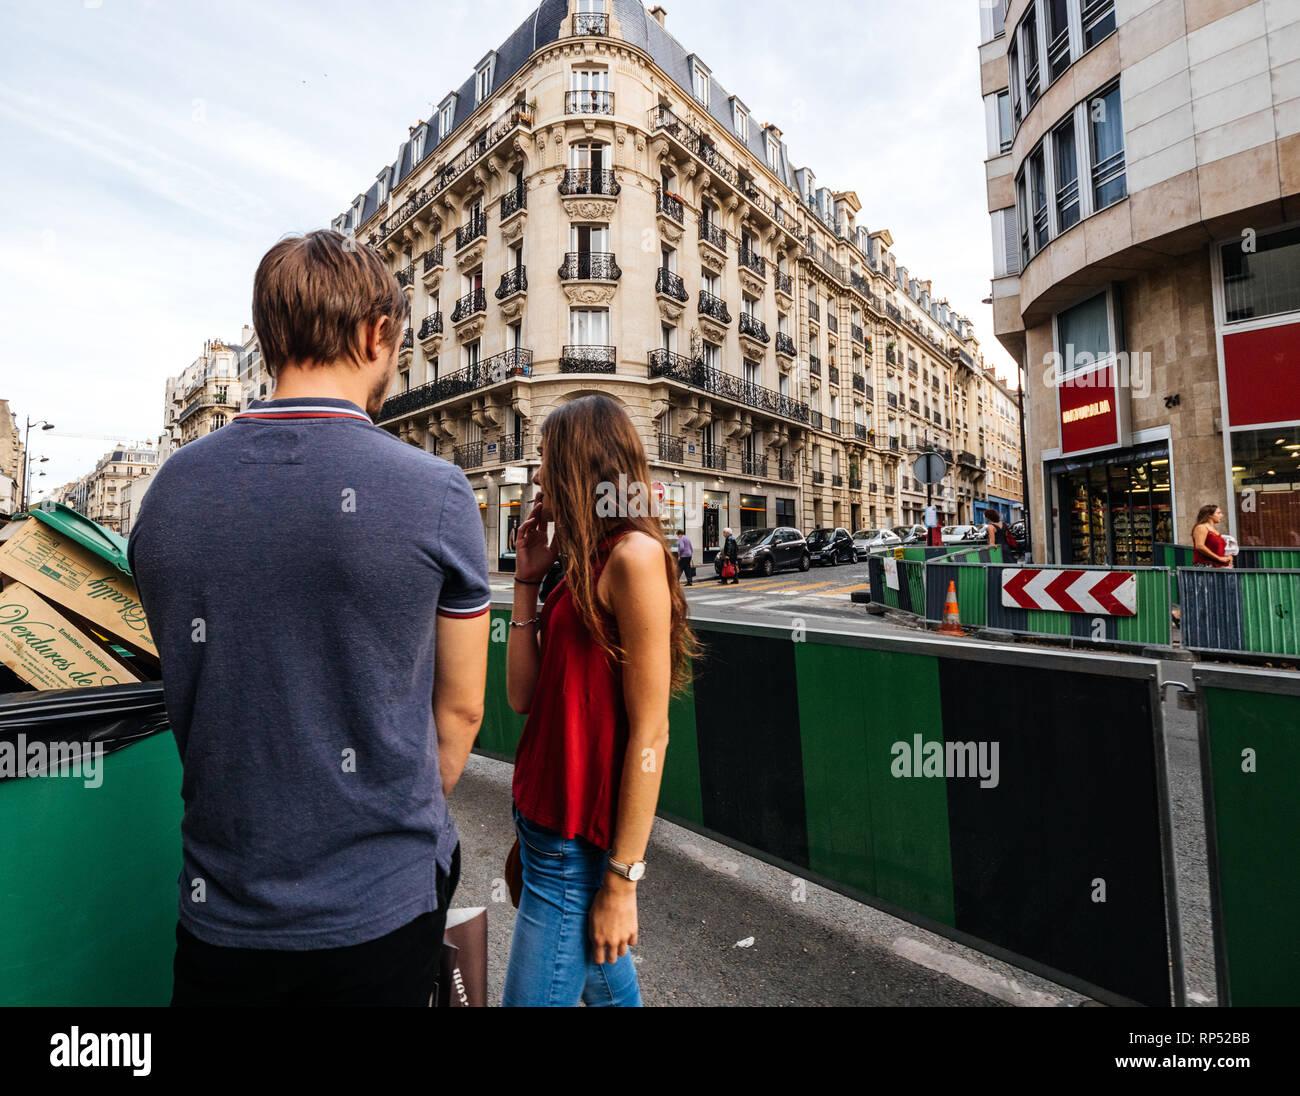 PARIS, FRANCE - OCT 13, 2018: elegant couple français à parler au coin de la rue avec bâtiment haussmannien dans l'arrière-plan Banque D'Images